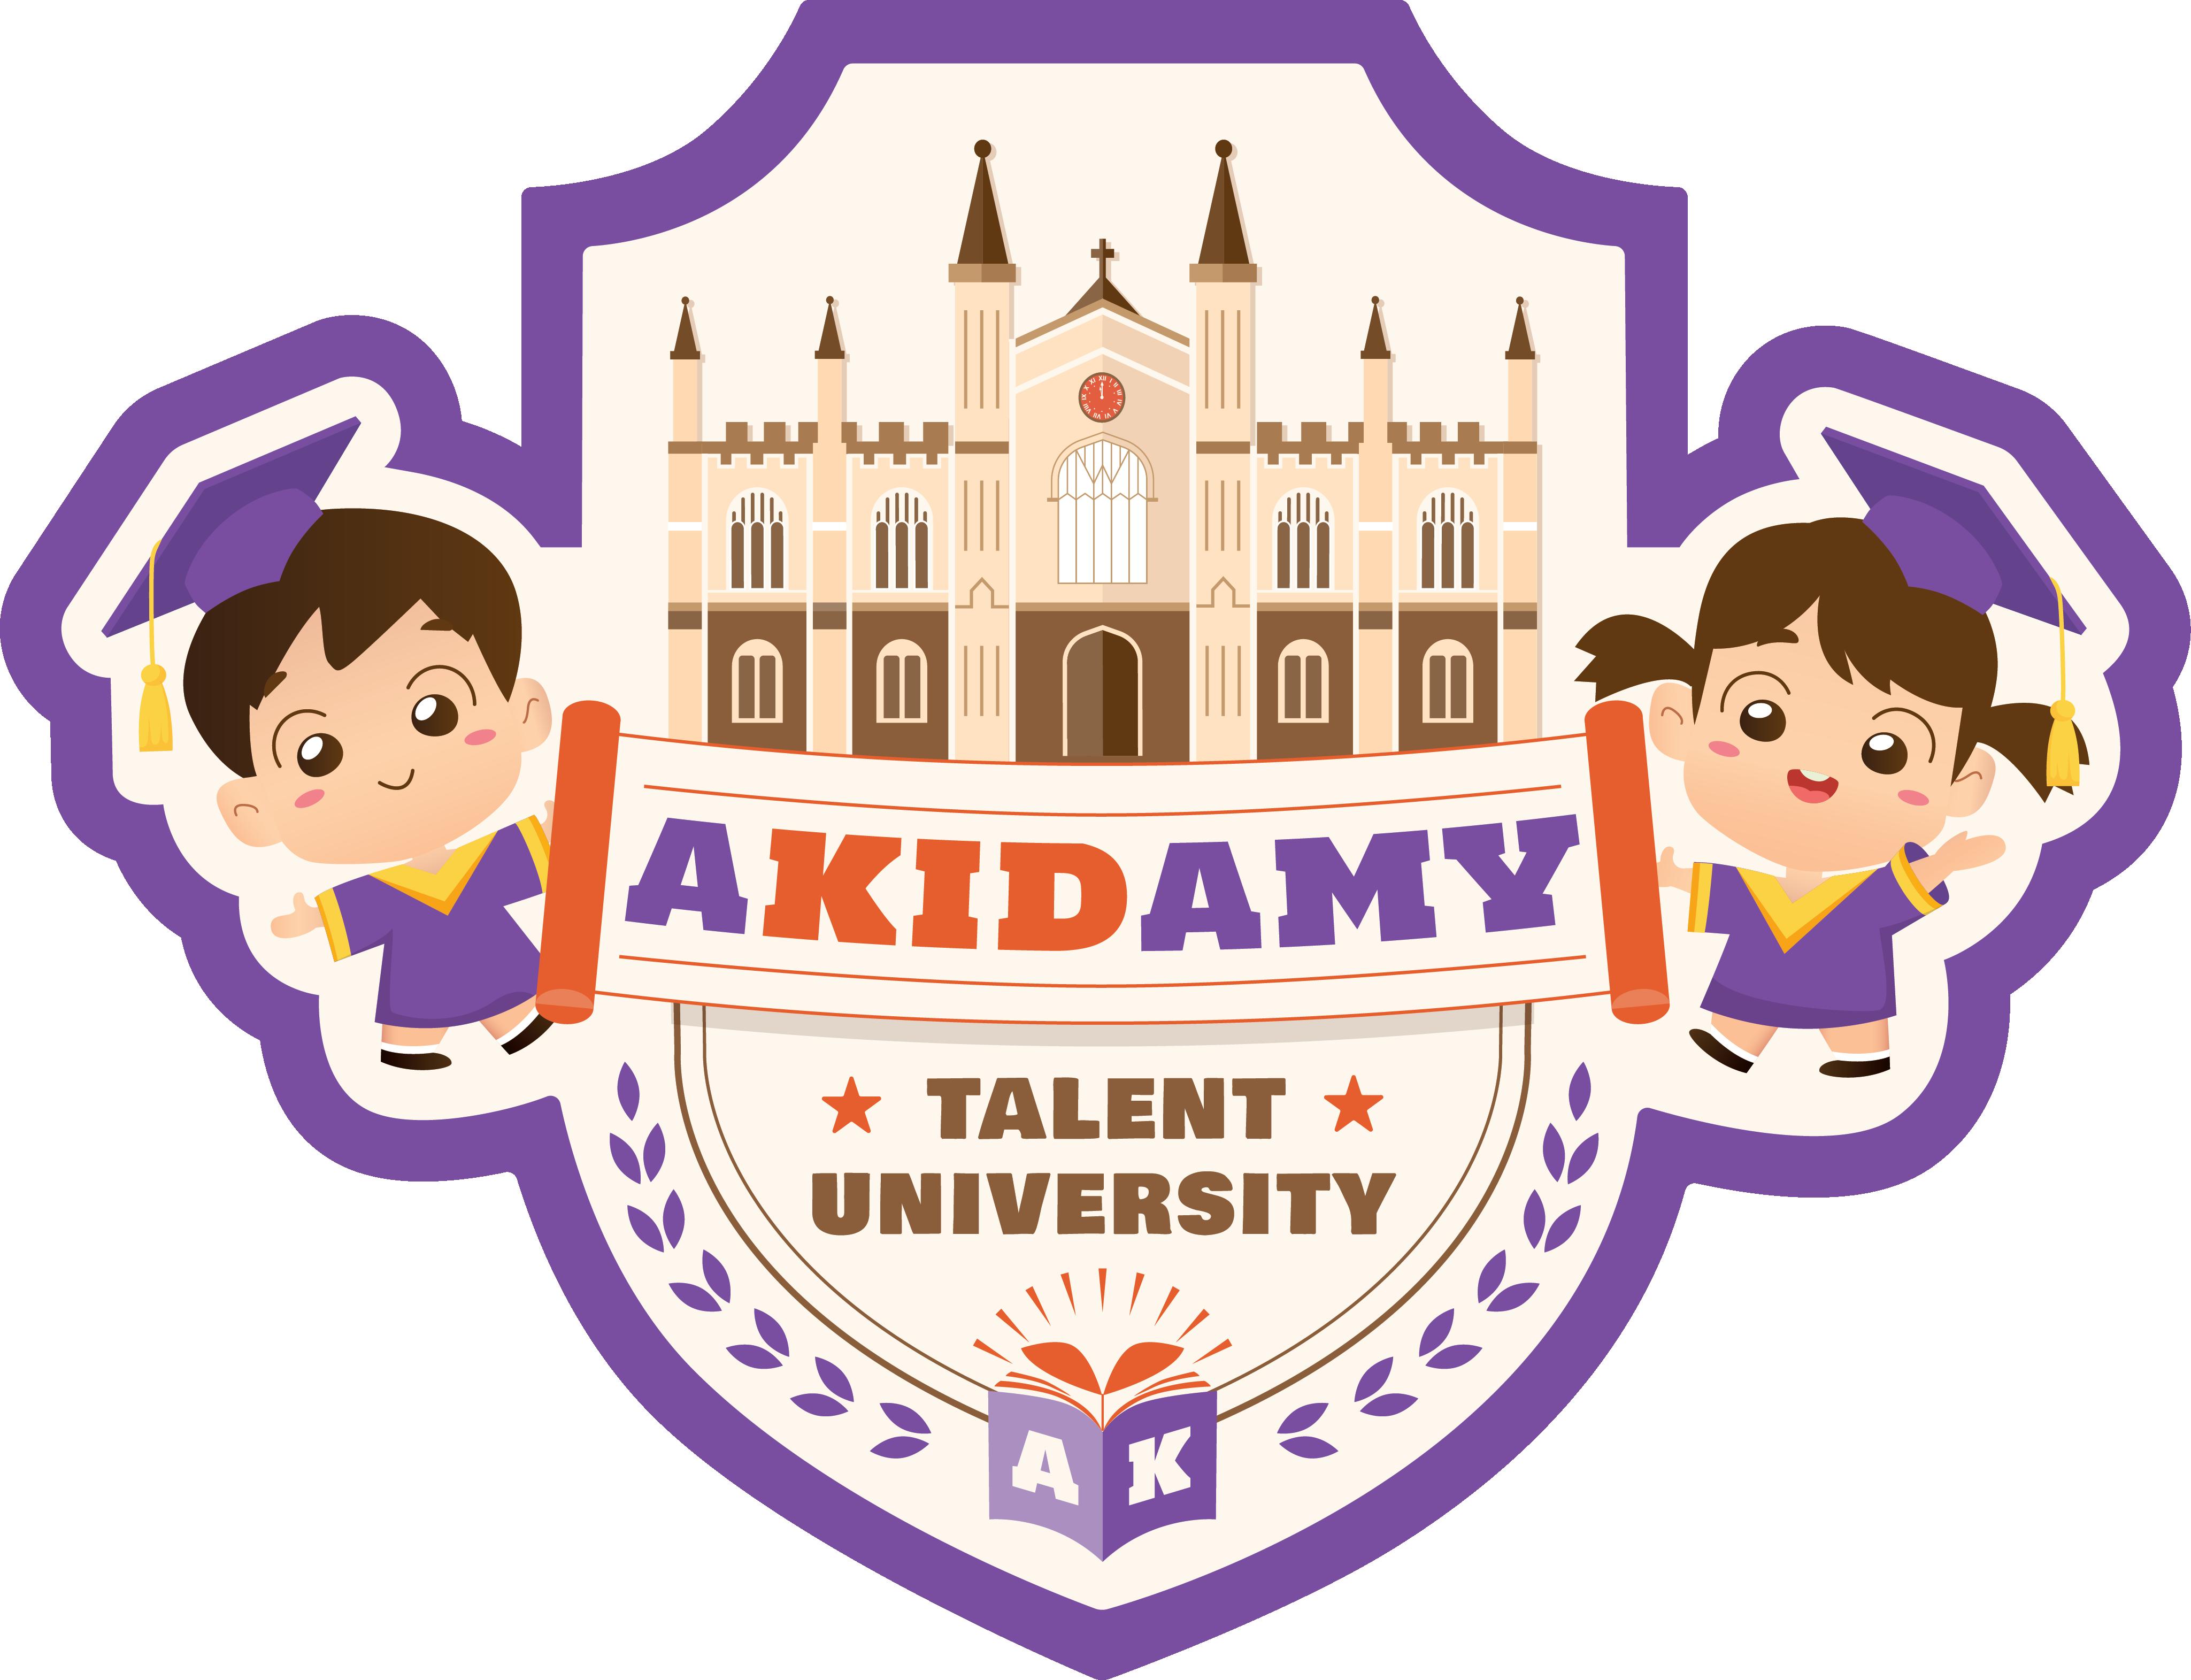 Akidamy